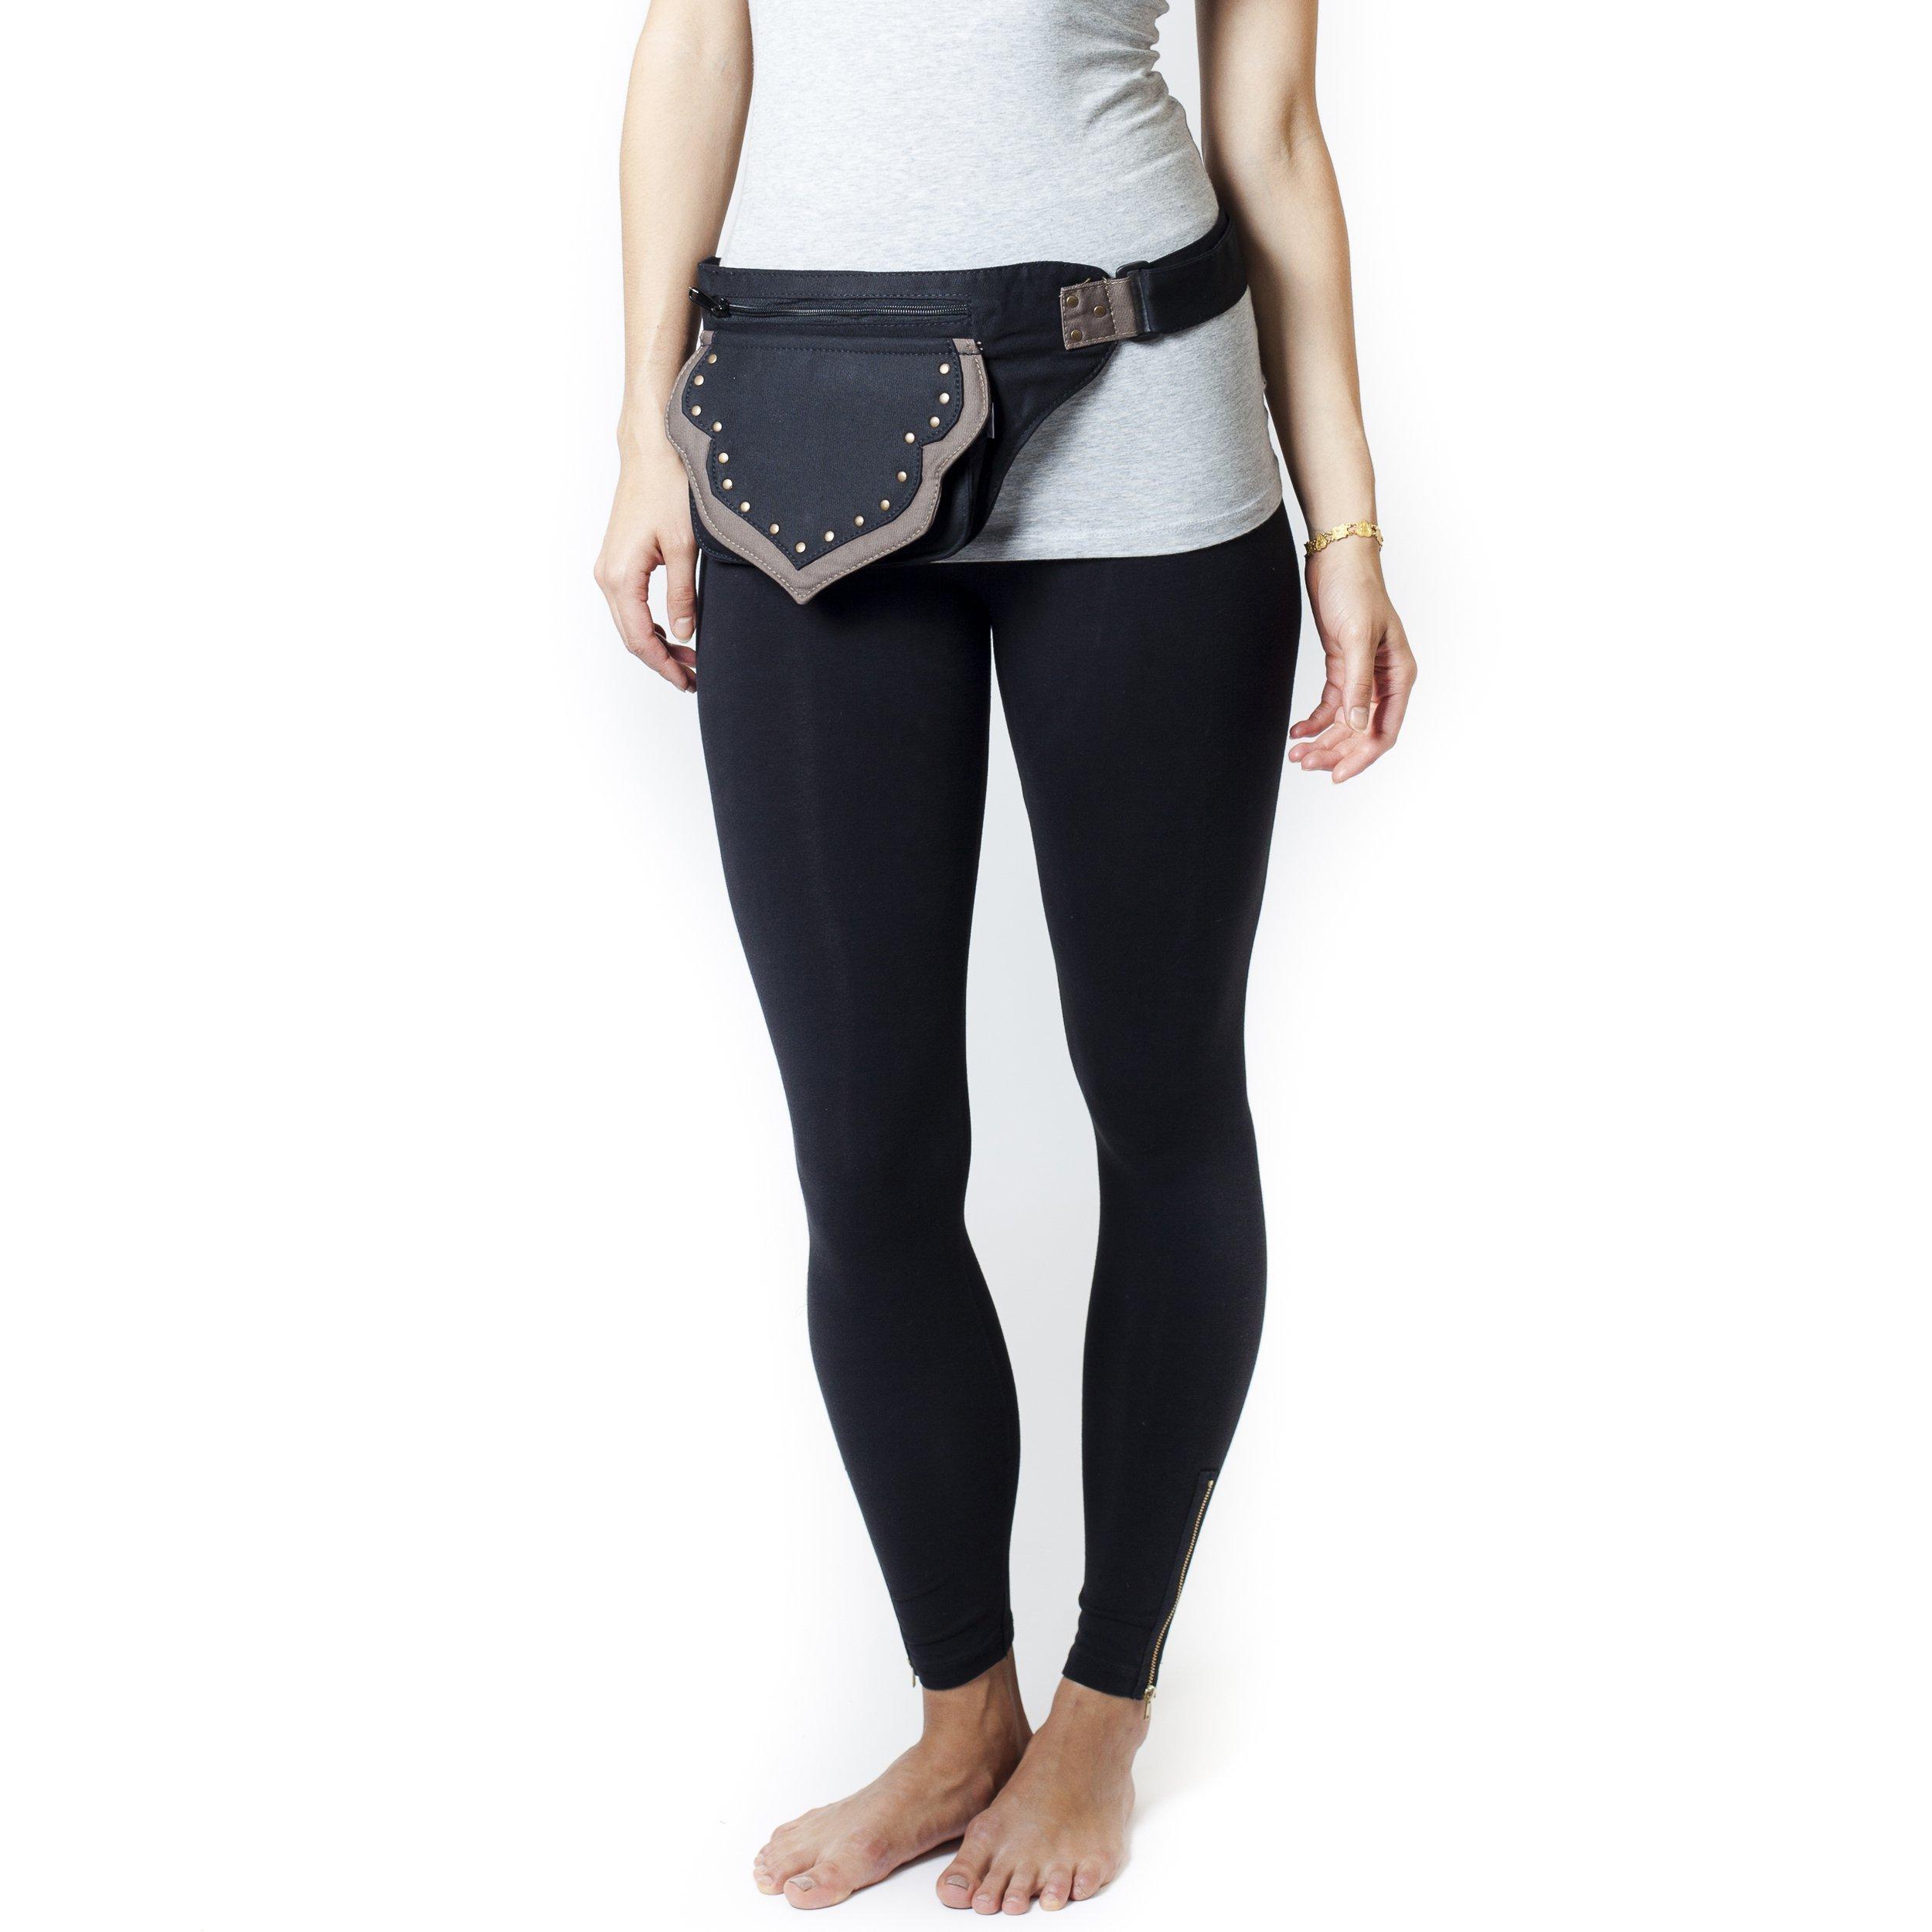 Unisex Cotton Traveller's Hip Bag Belt-Black-One Size